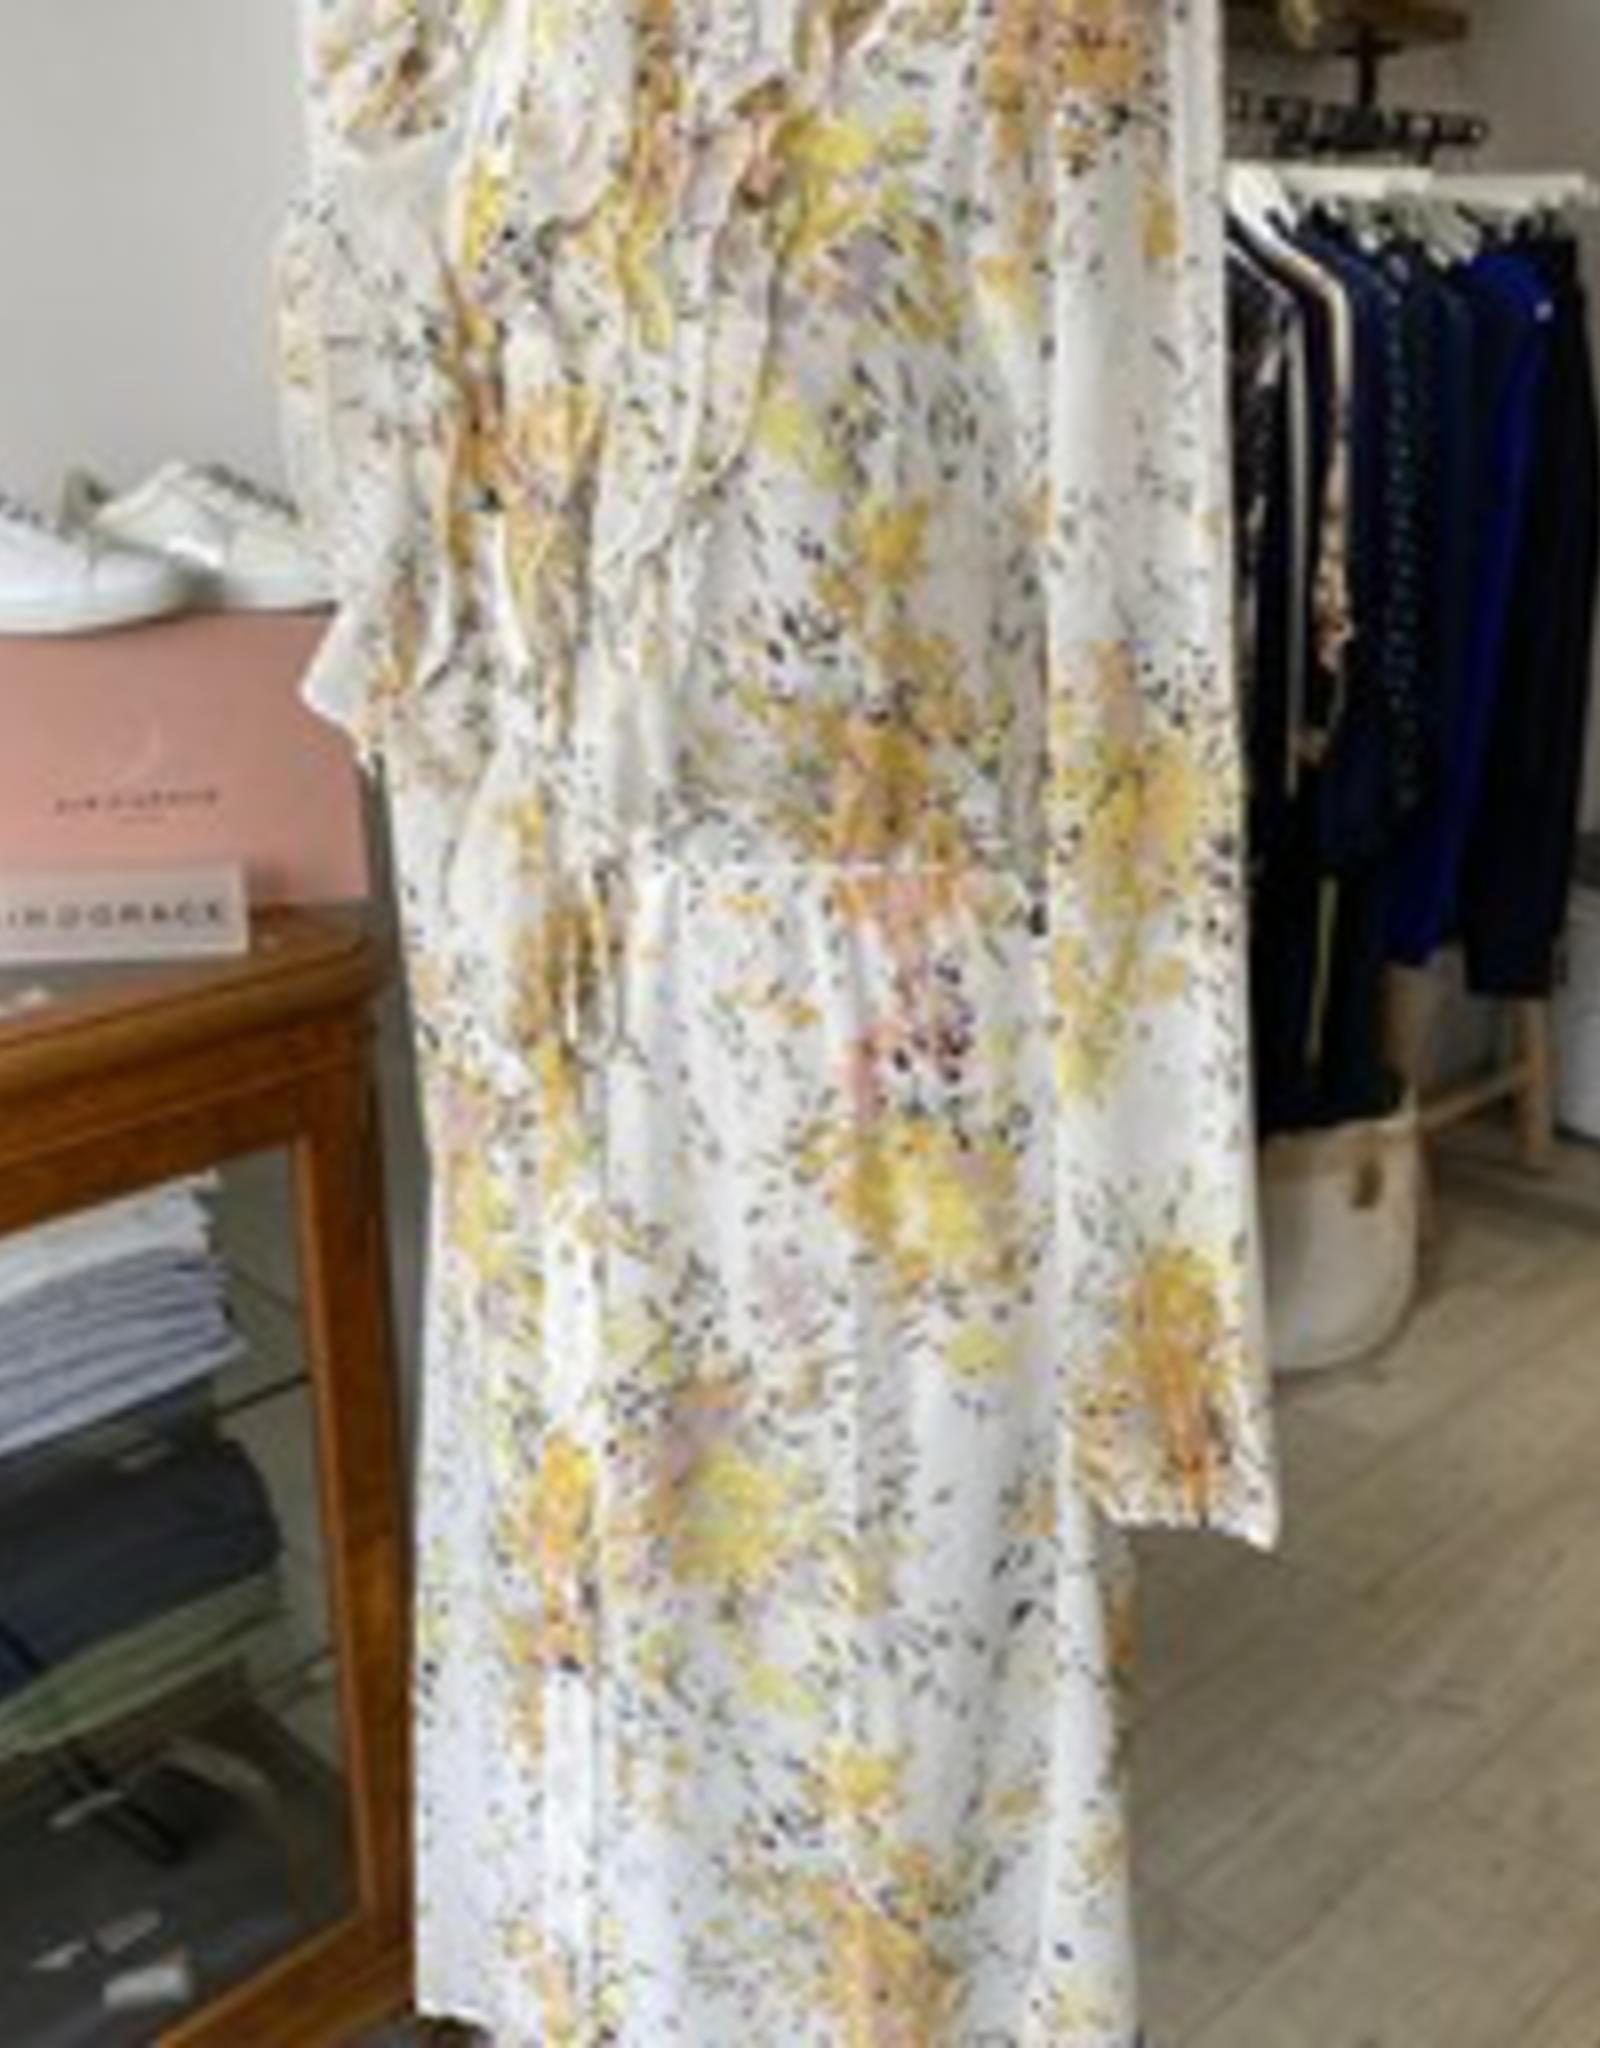 SAINT TROPEZ LILLY SZ DRESS IN YELLOW FLOWER PRINT FROM SAINT TROPEZ 30510378